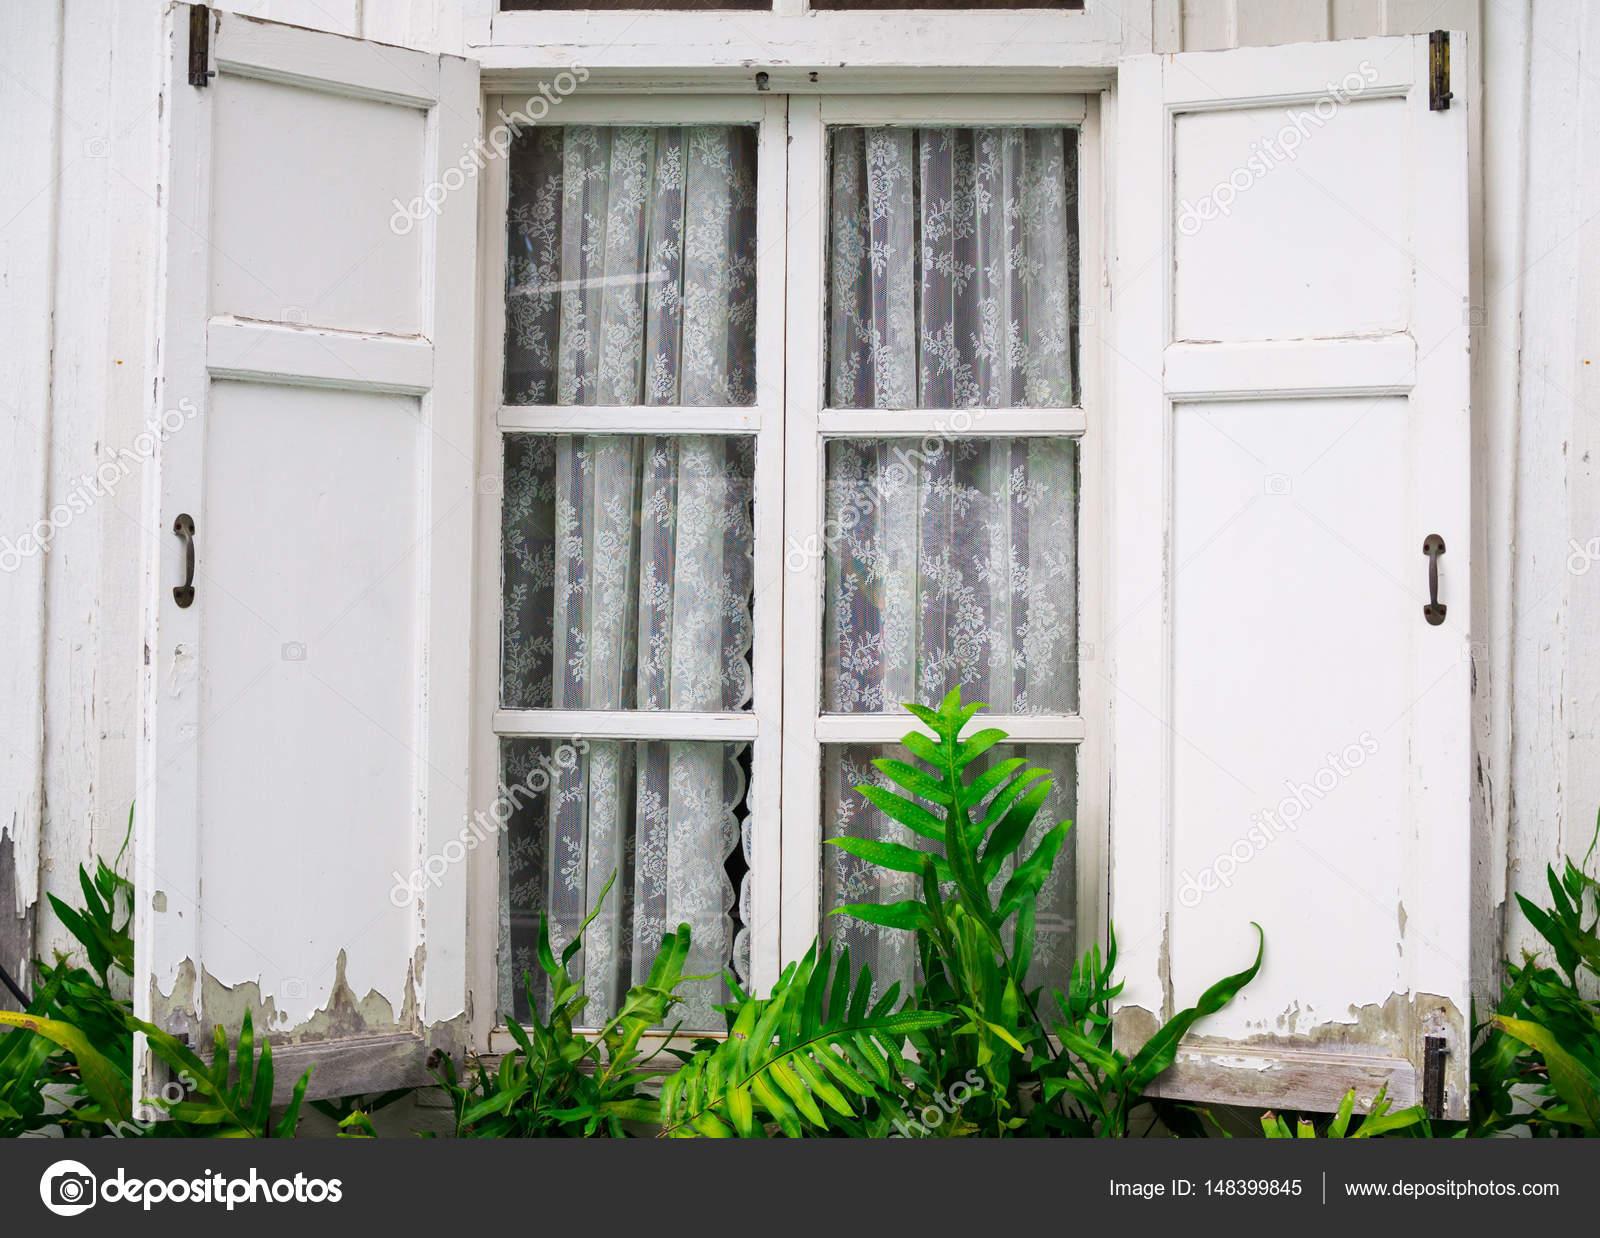 vensters geopend met gordijn en fern van buiten home en decoratie concept stockfoto